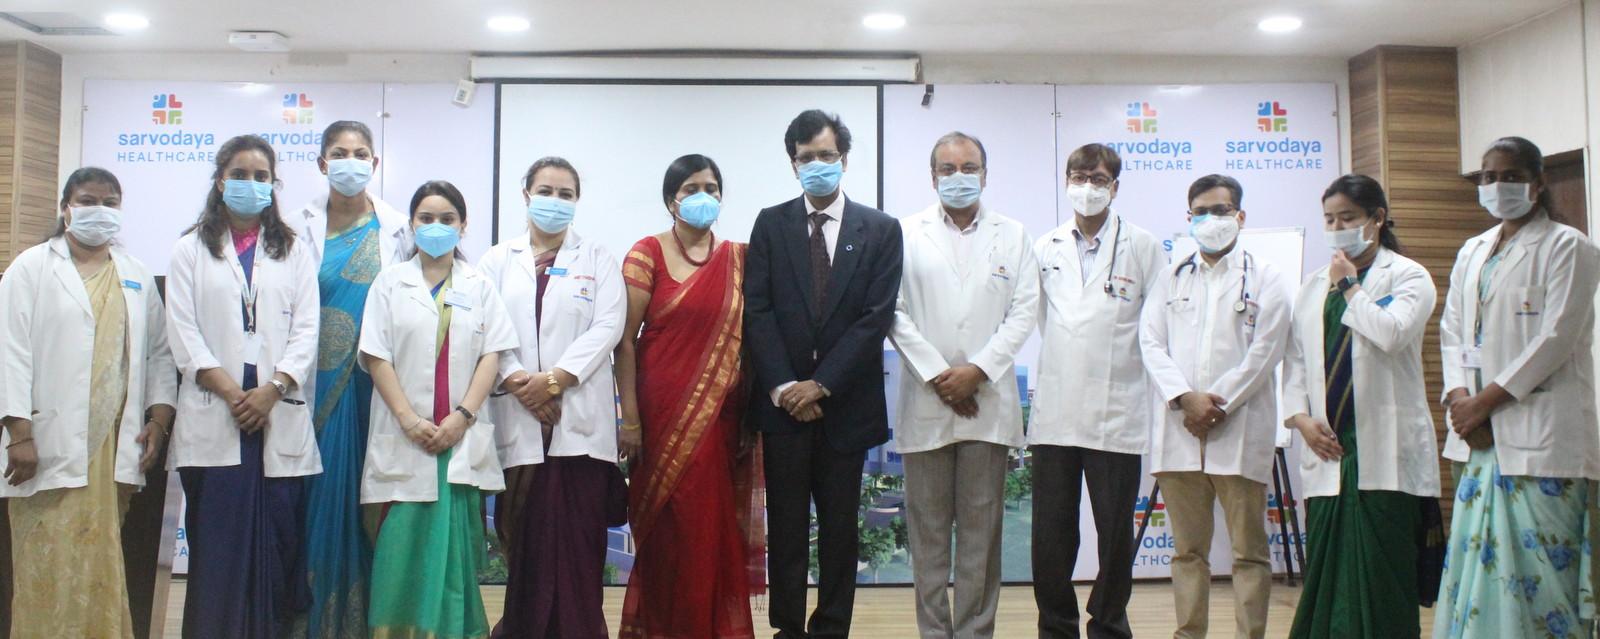 तीसरी लहर में यदि अधिक मरीज आते हैं तो कैसे बेहतर इलाज करेंगे, इस बारे में मेडिकल स्टाफ को किया गया प्रशिक्षित|फरीदाबाद,Faridabad - Dainik Bhaskar